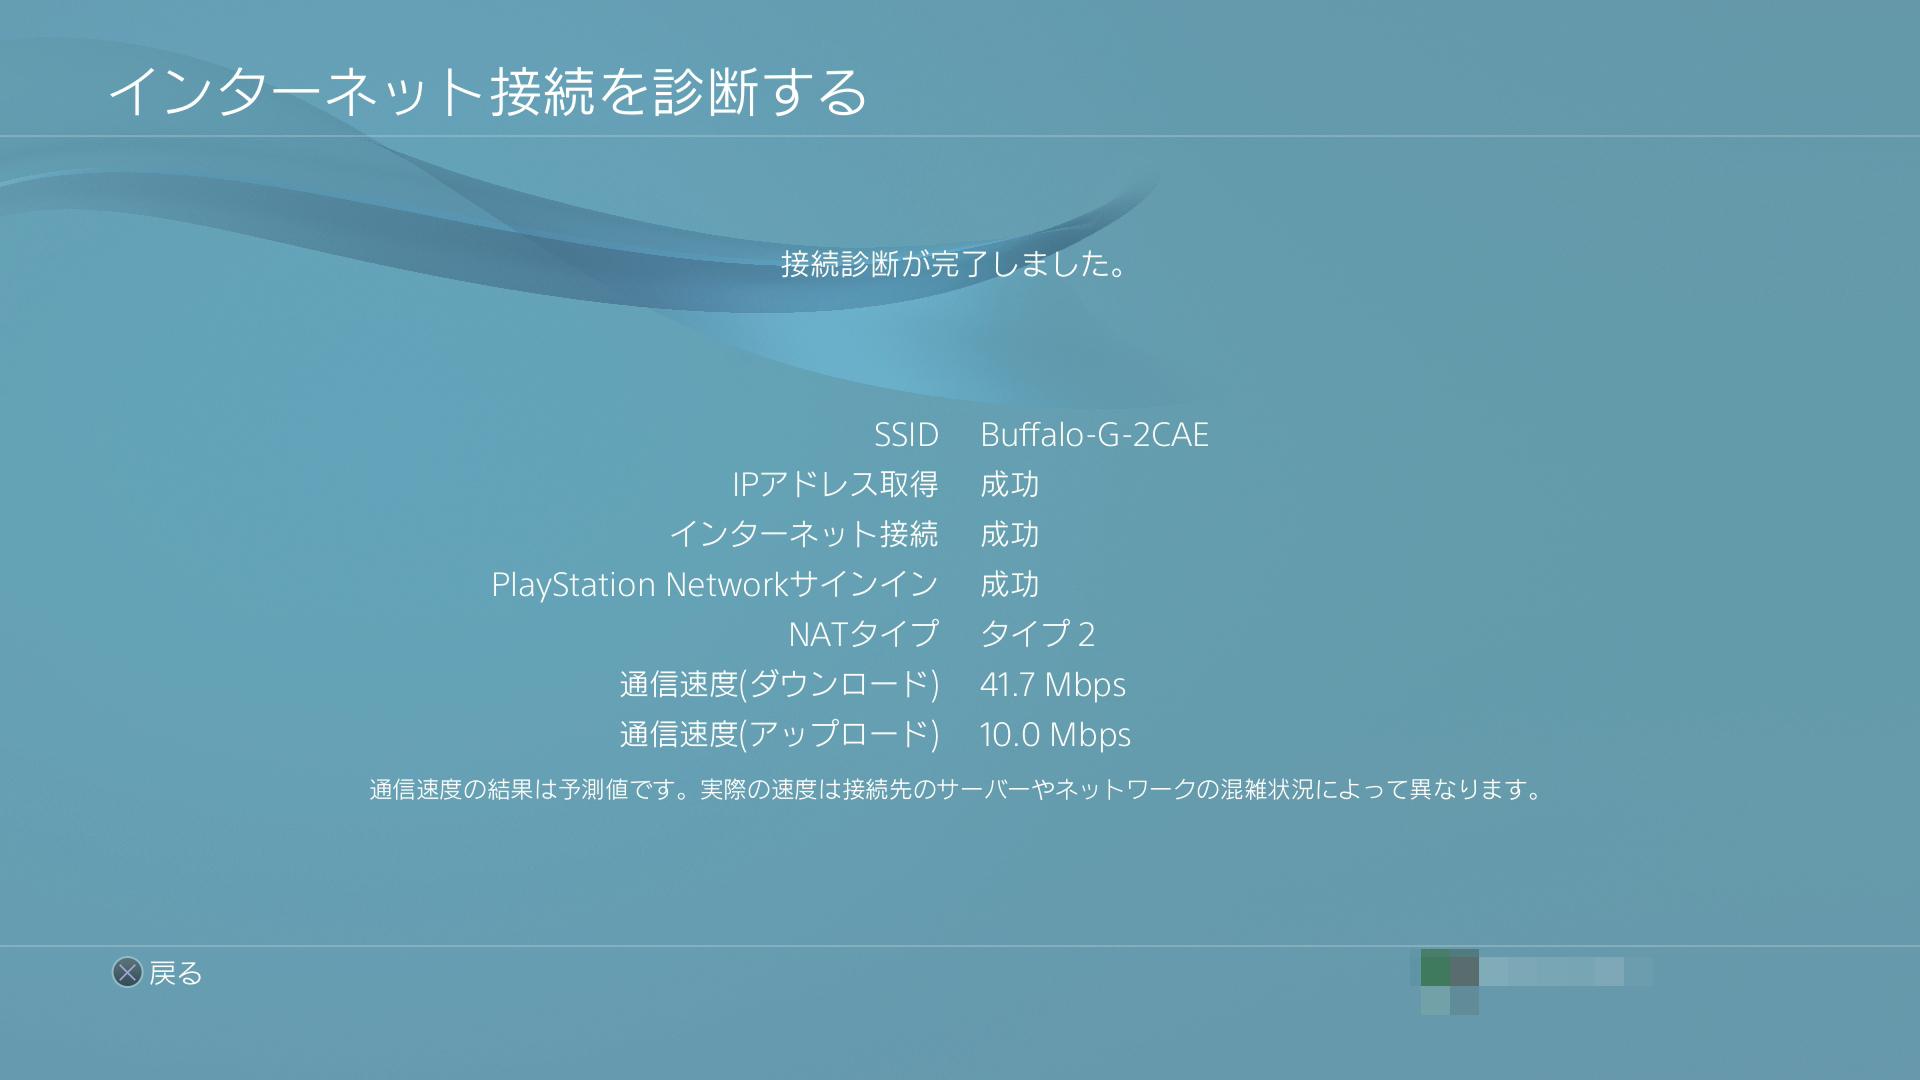 IPv4 over IPv6(WiFi)